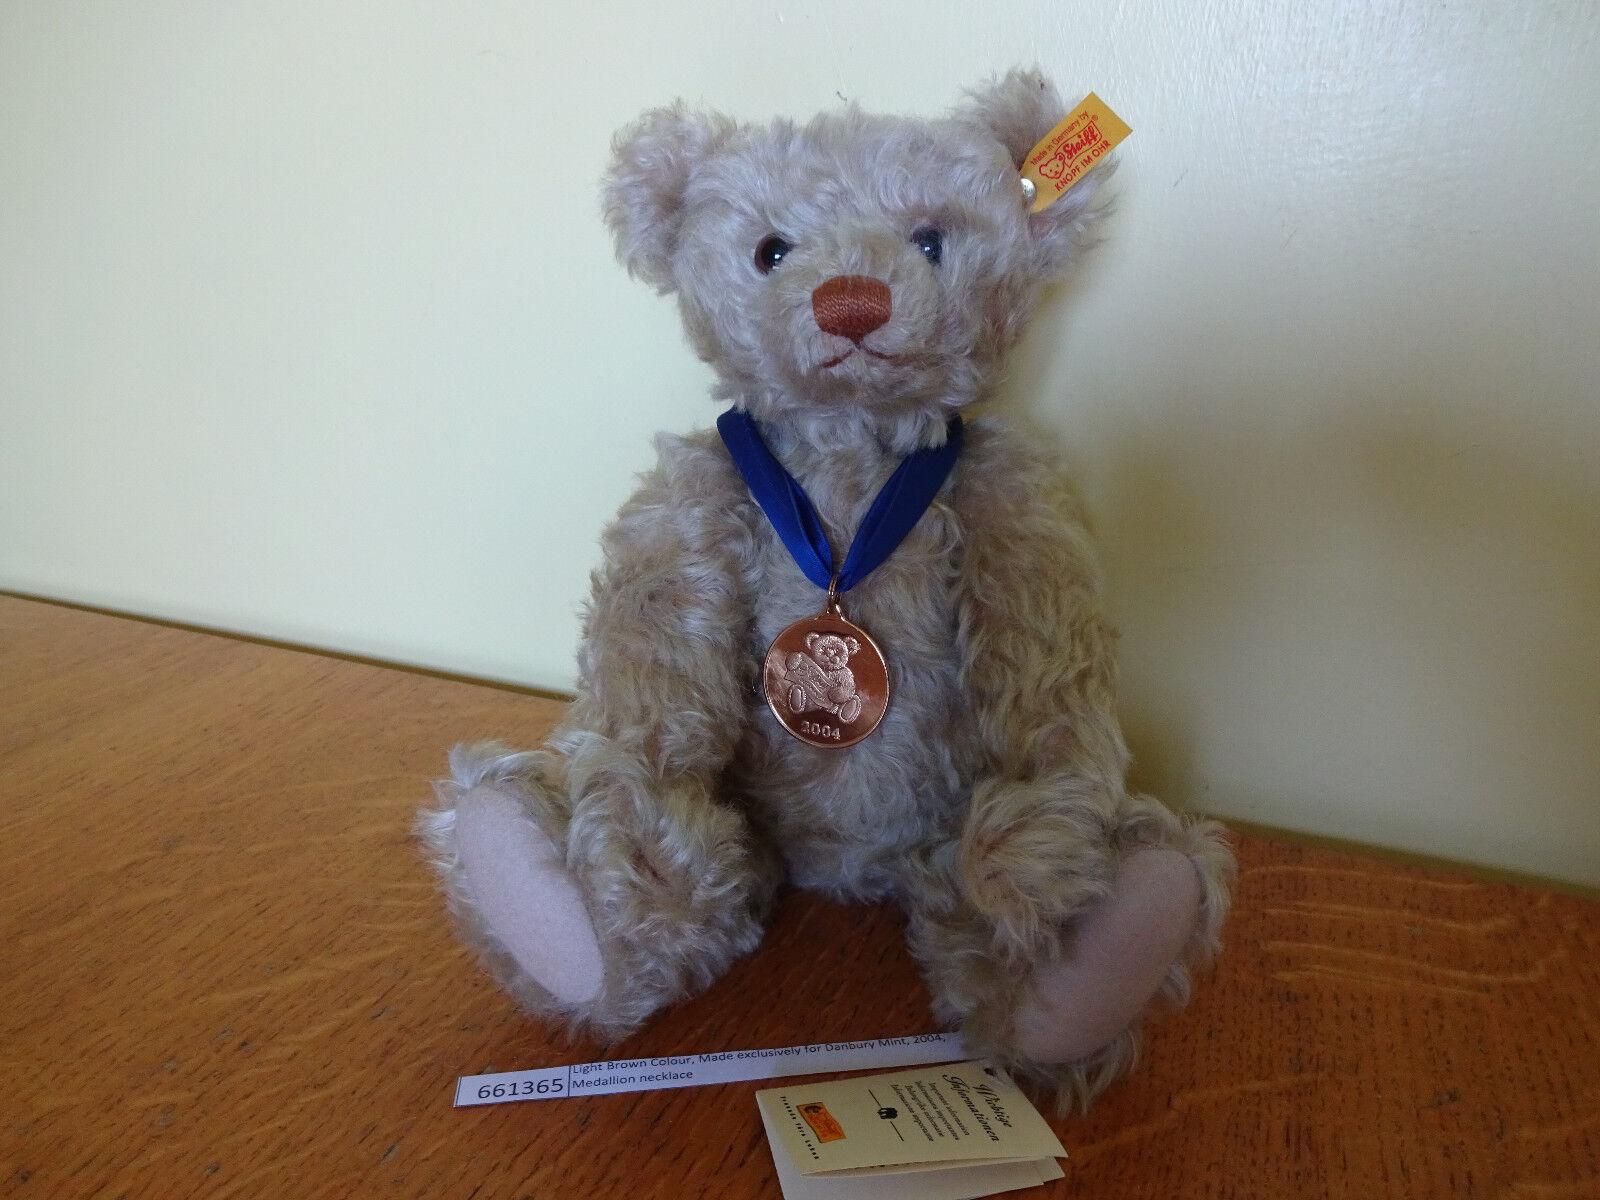 Steiff Steiff Steiff Teddy Bear 661365 Light braun Colour Made for Danbury Mint 2004 Grade A f8a347